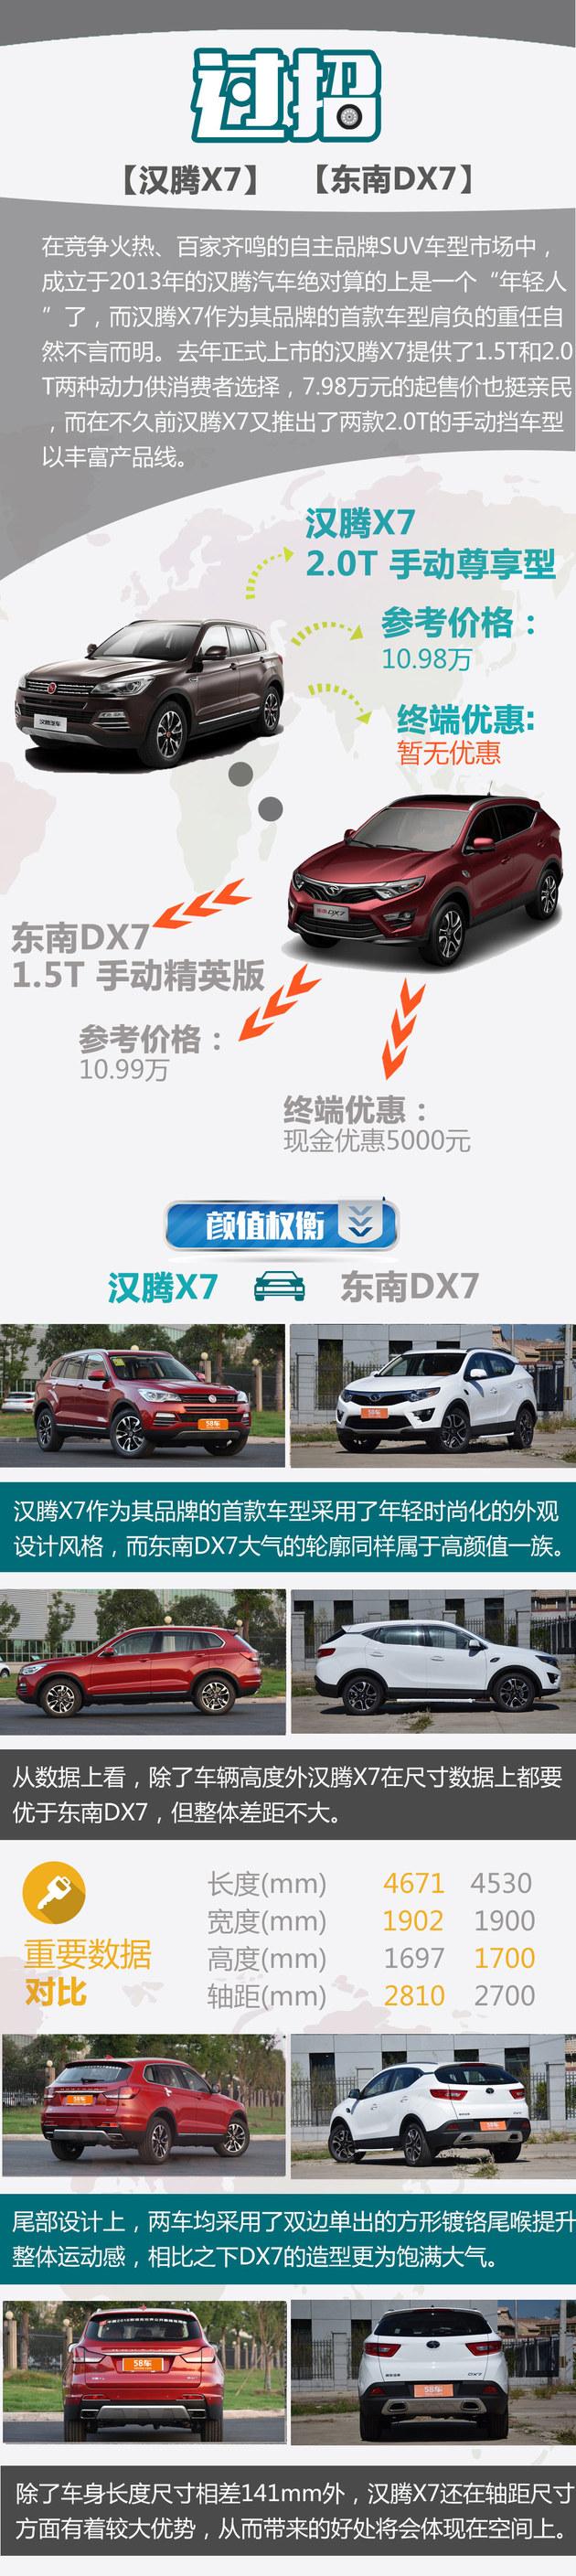 汉腾X7对比东南DX7 国产紧凑型SUV过招